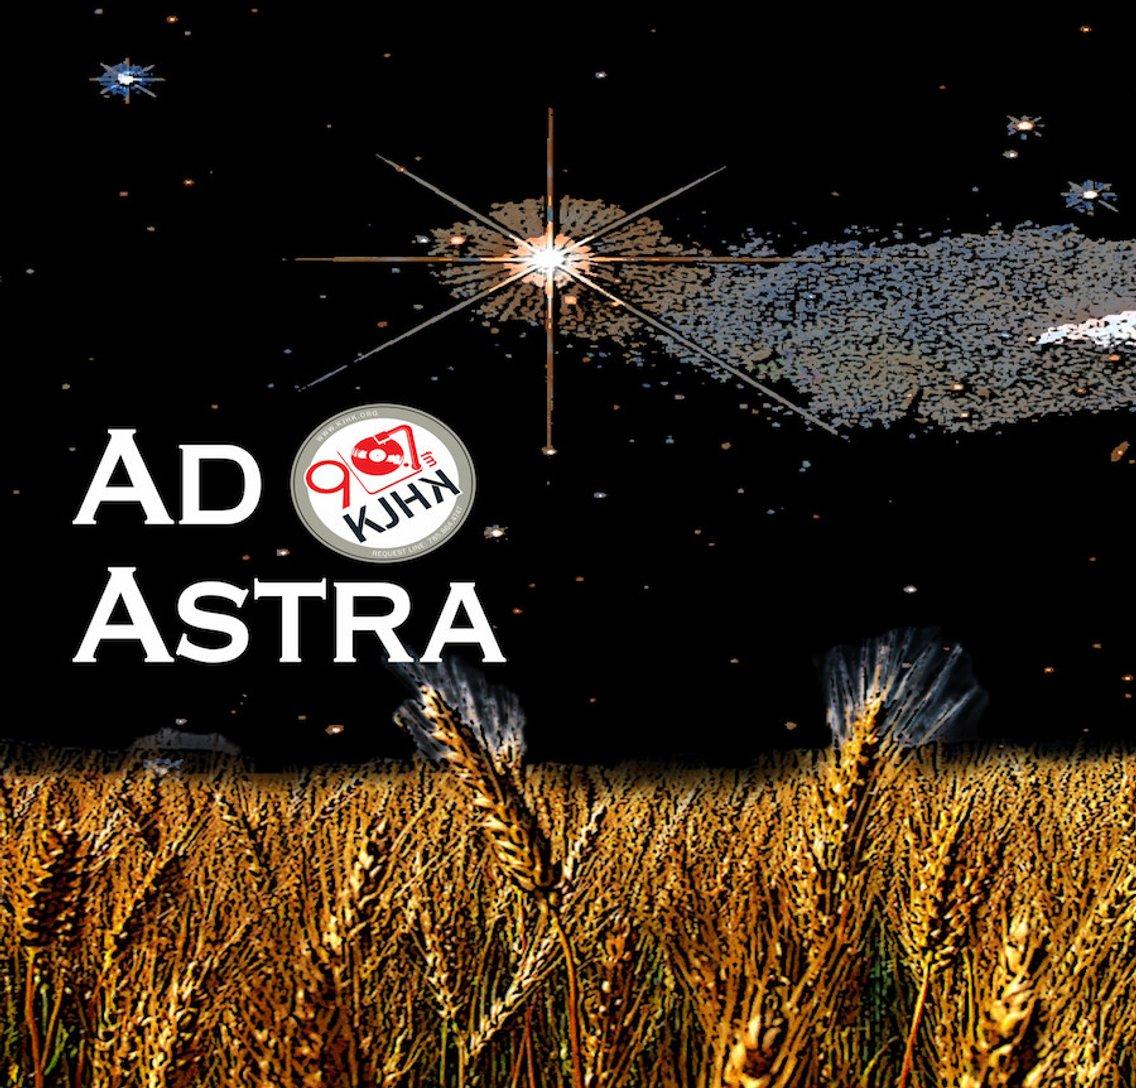 KJHK Ad Astra - Cover Image